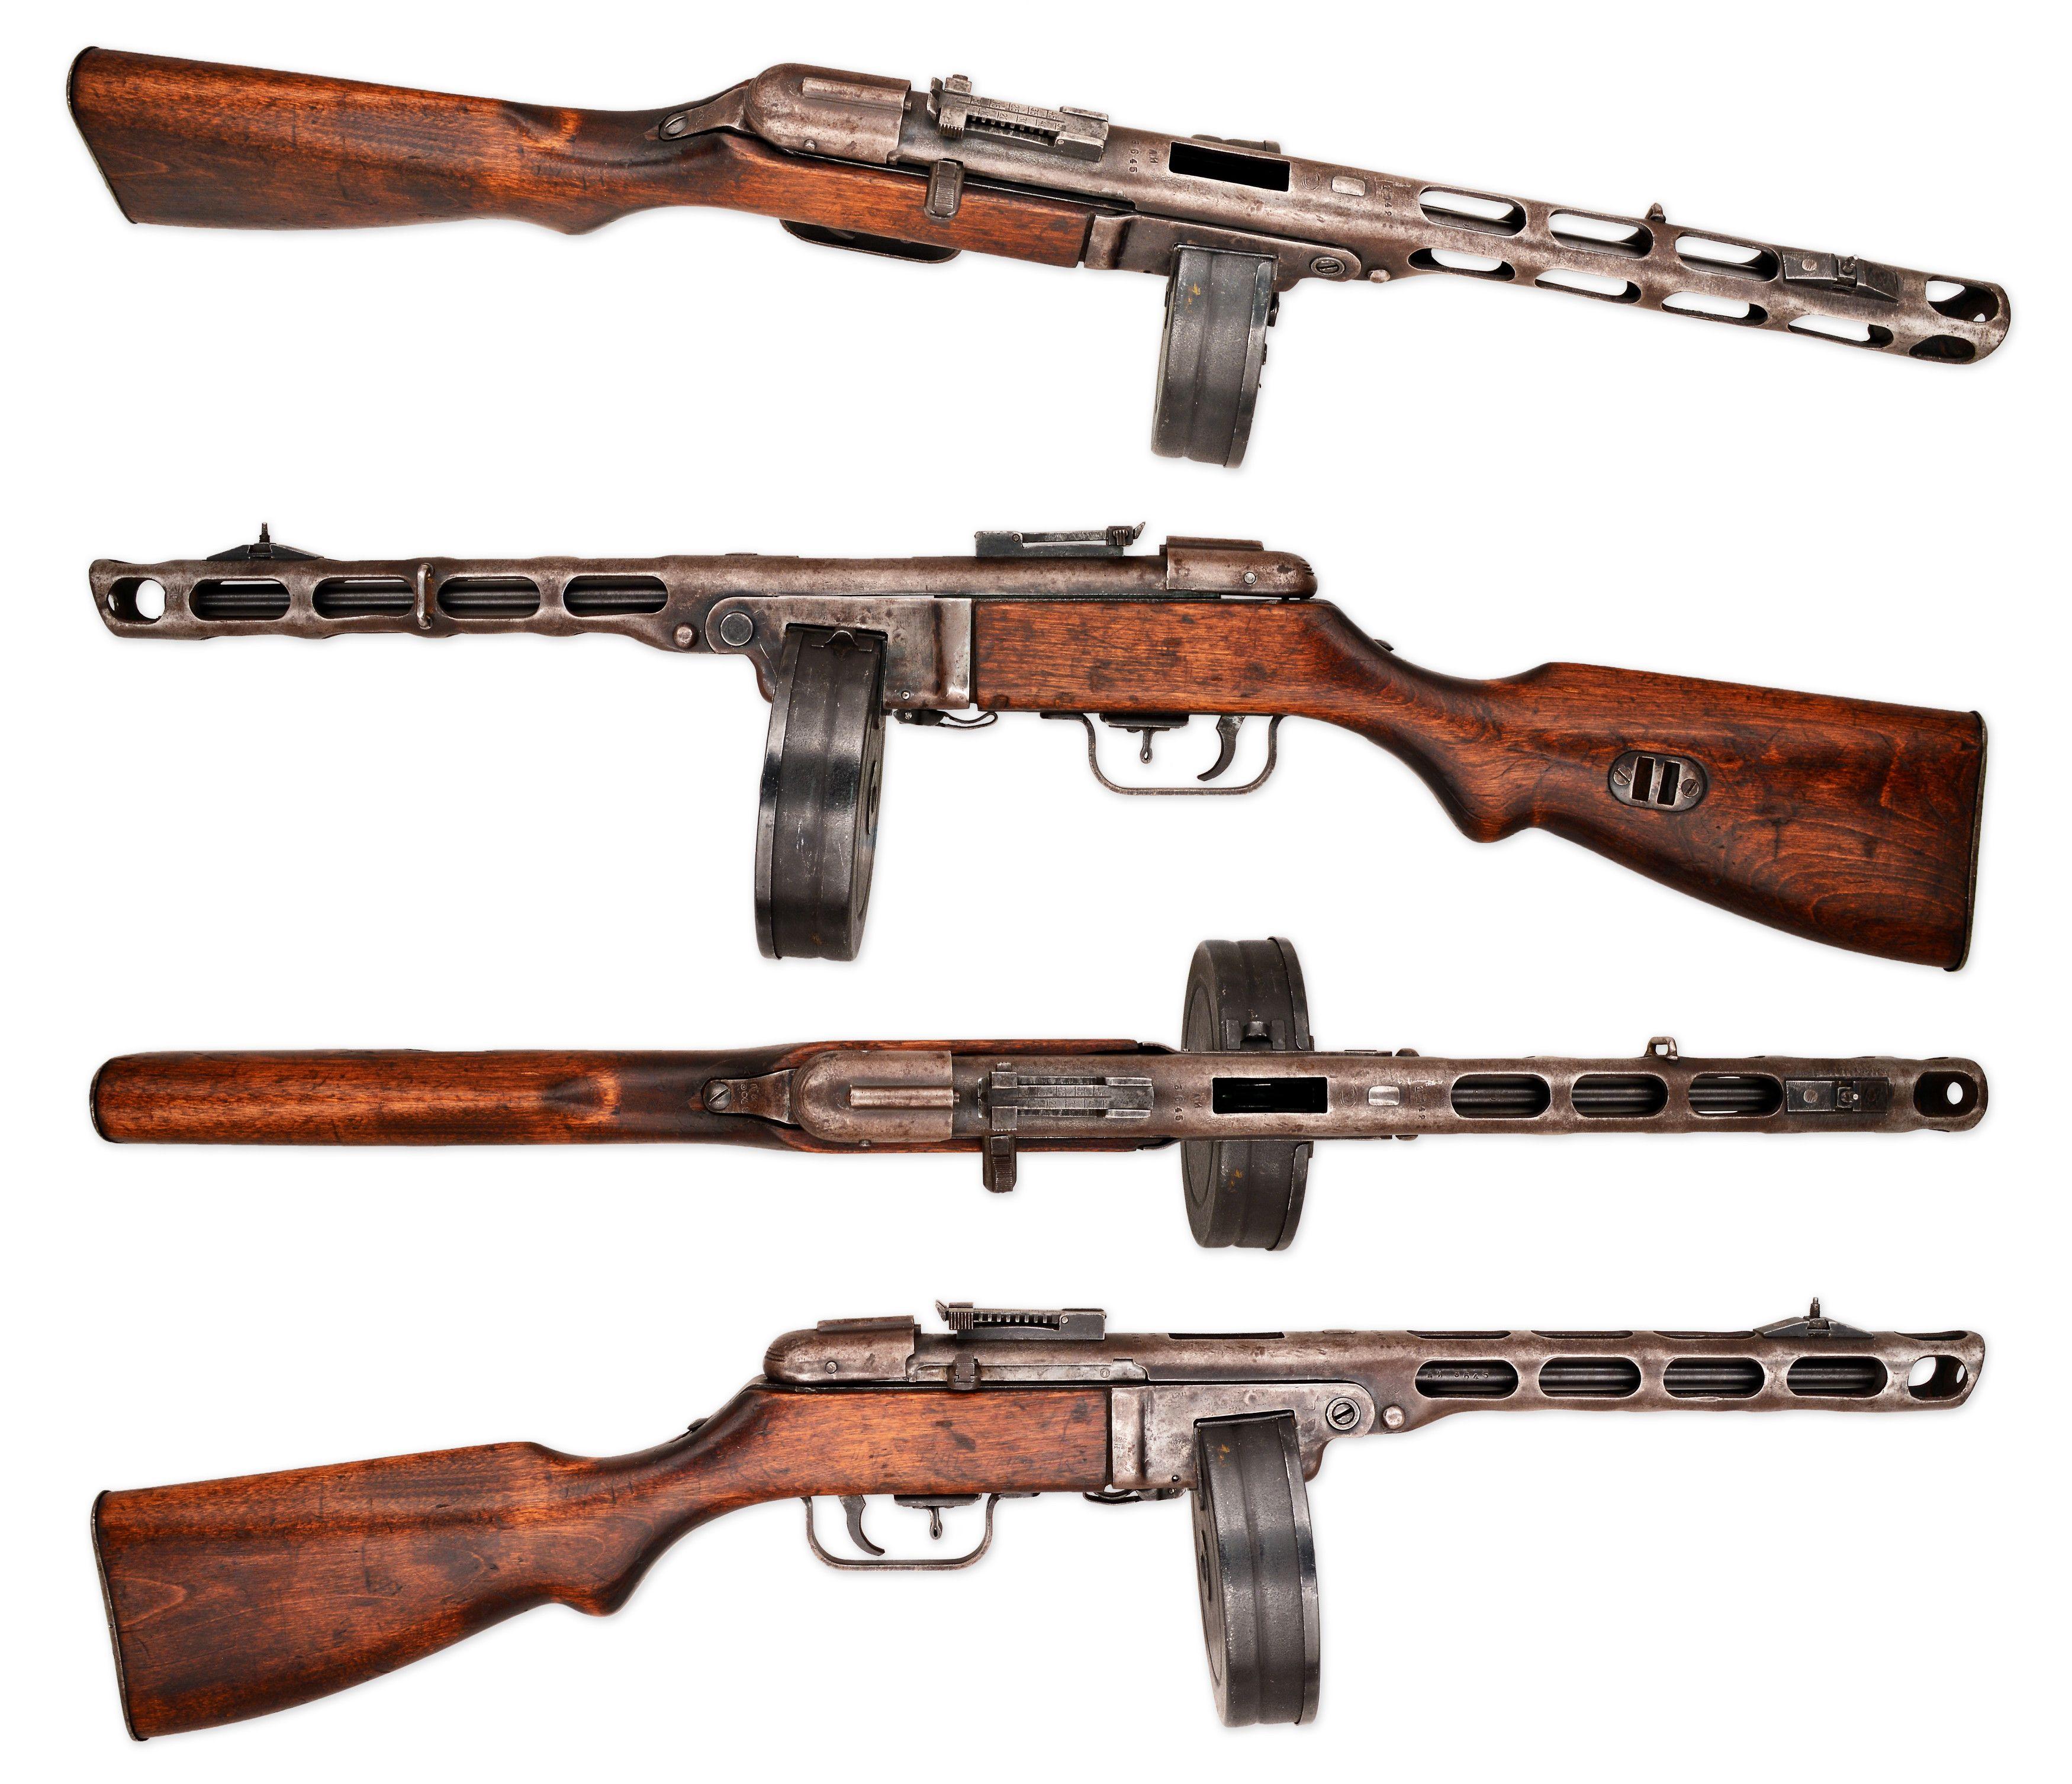 PPSh-41 sub-machine gun